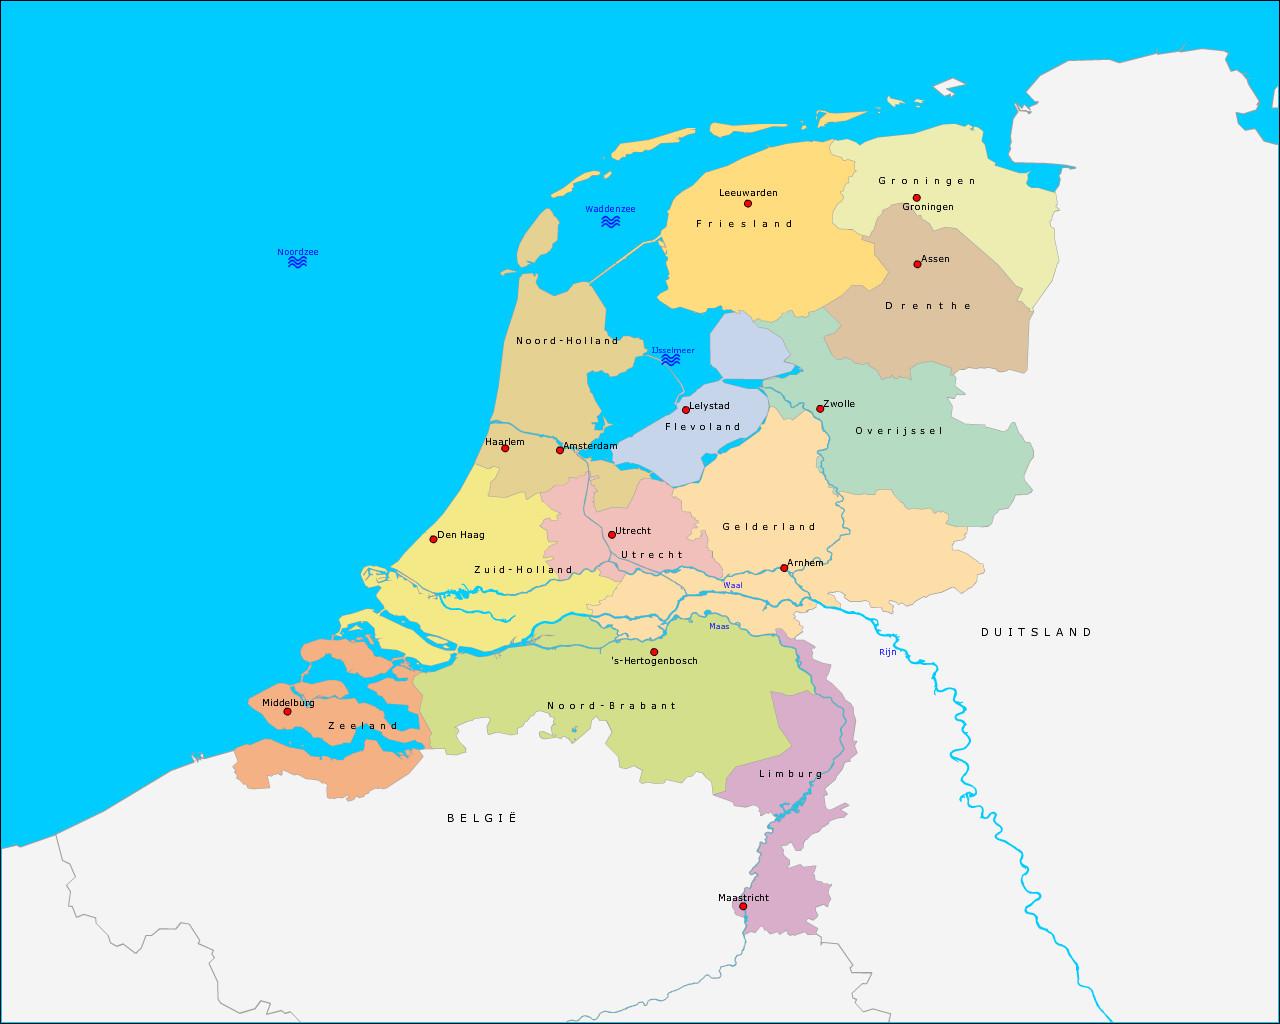 provincies-hoofdsteden-en-wateren-van-nederland